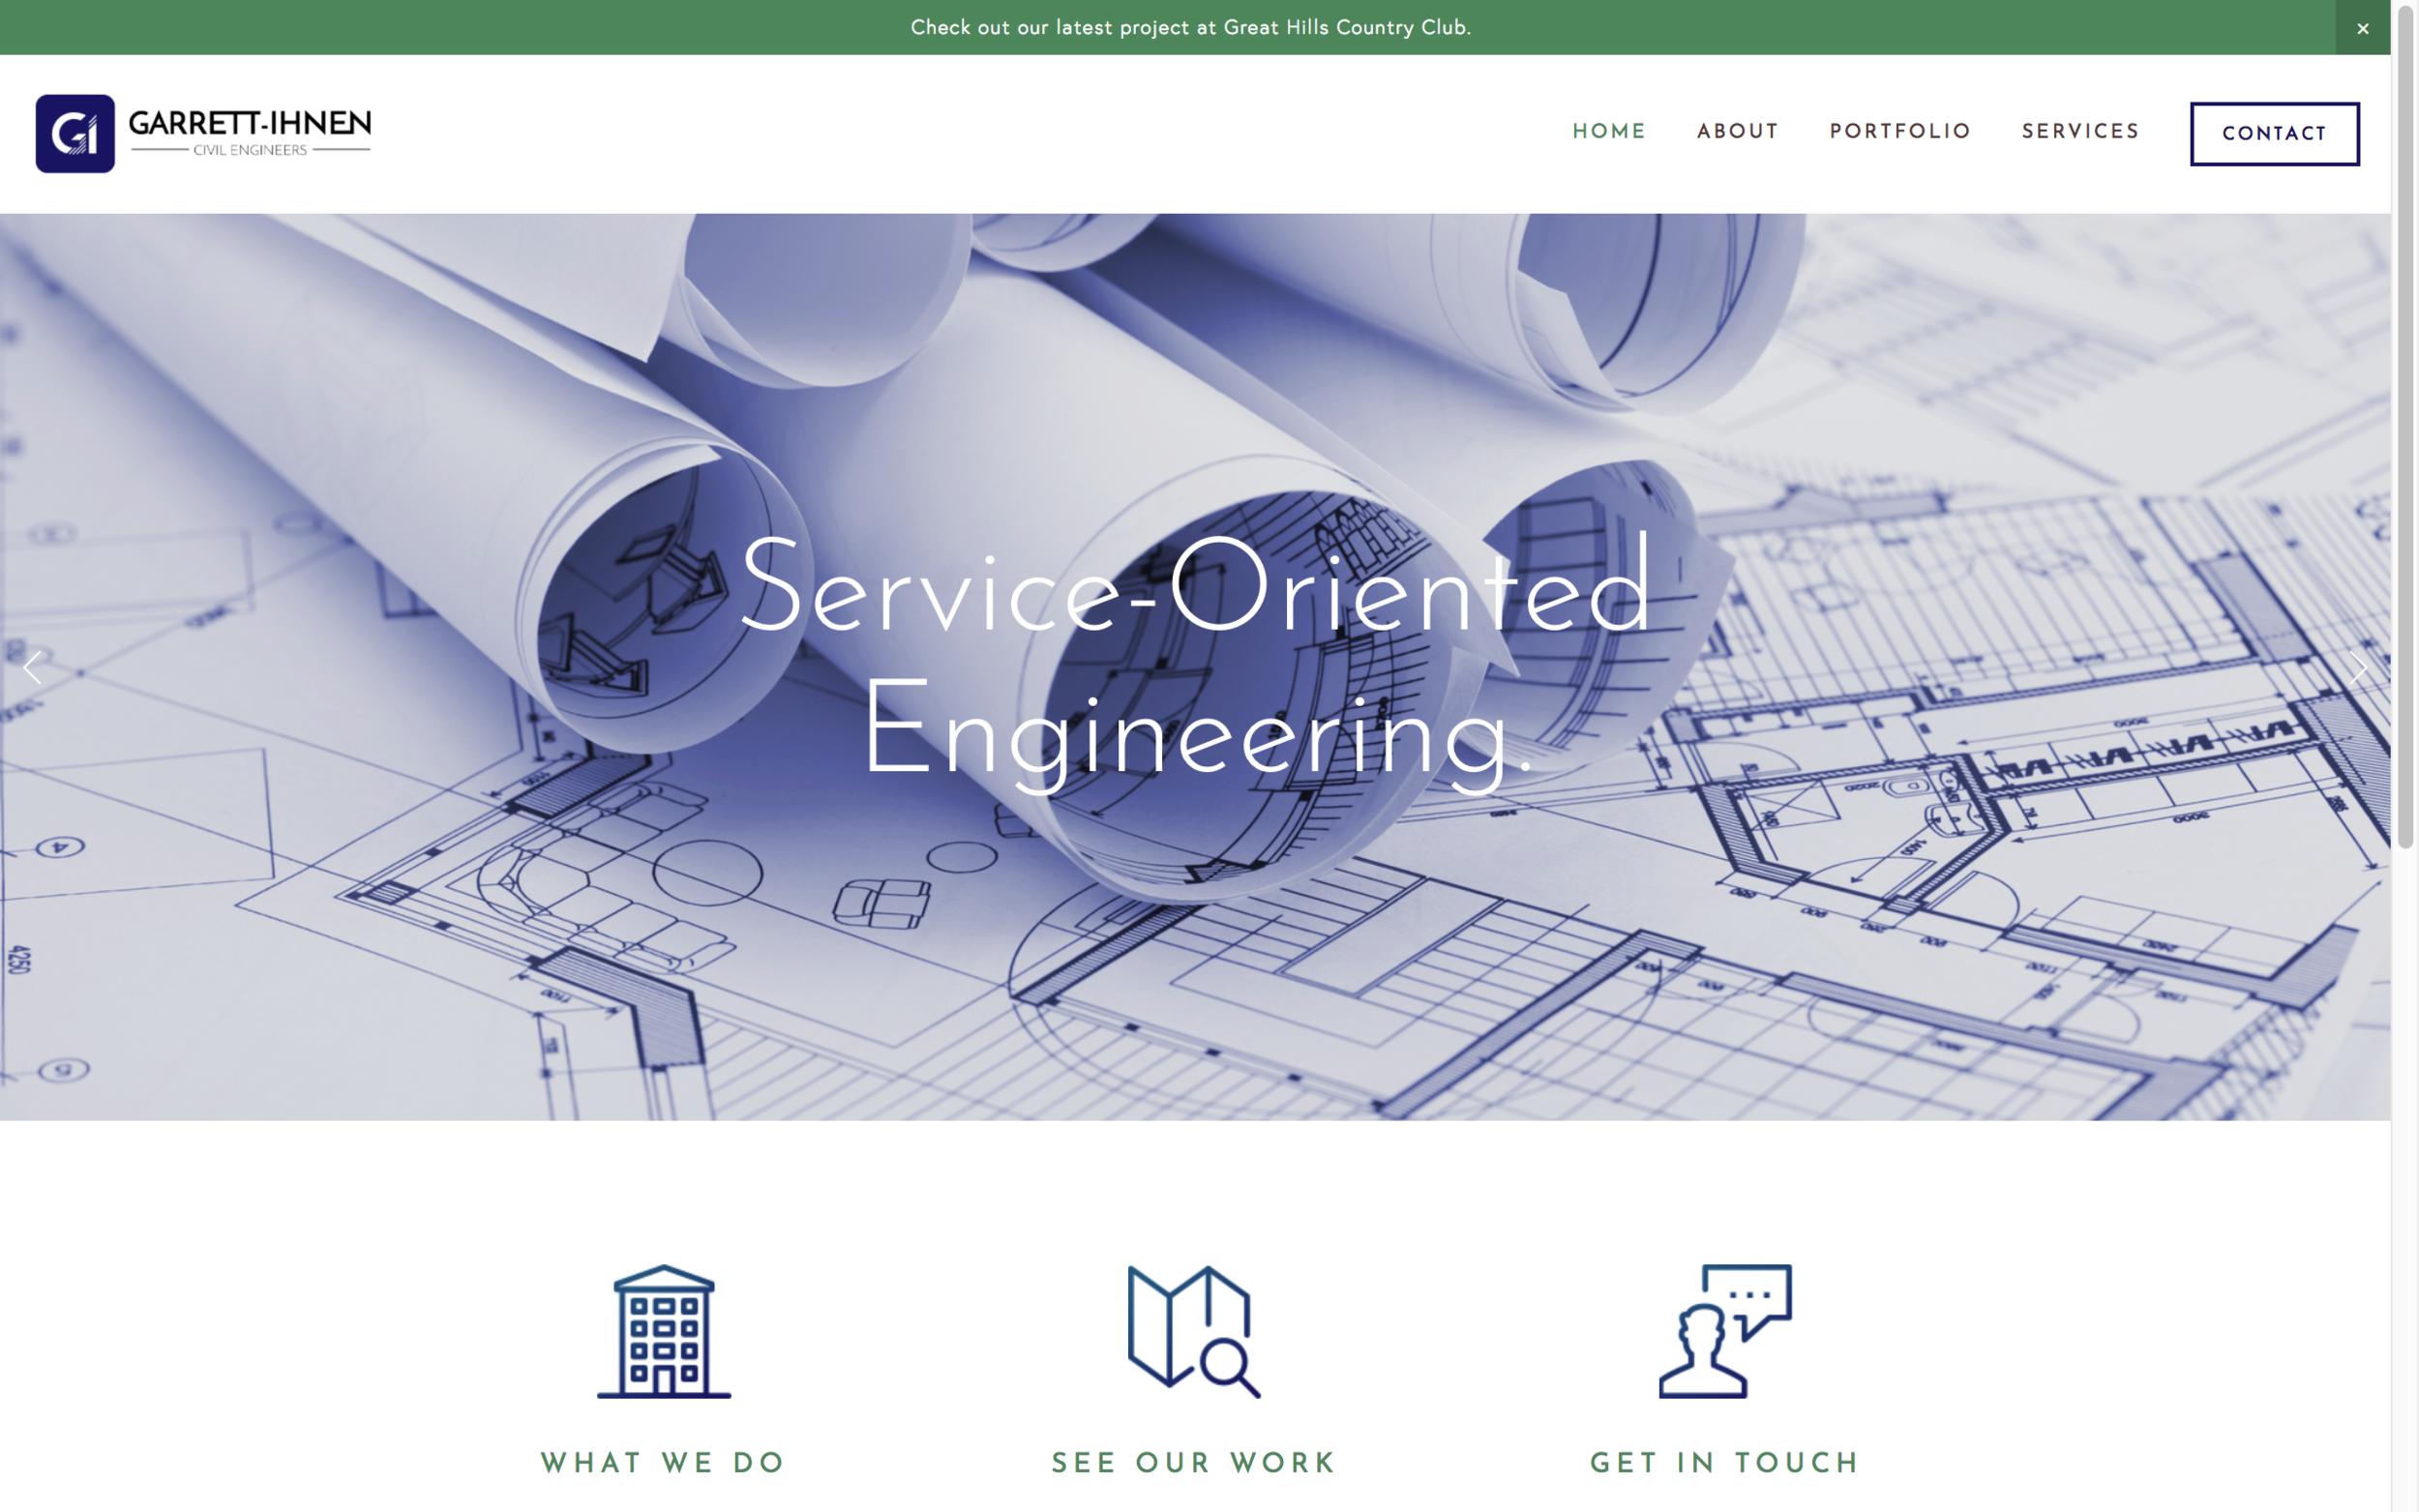 Garrett-Ihnen Civil Engineers